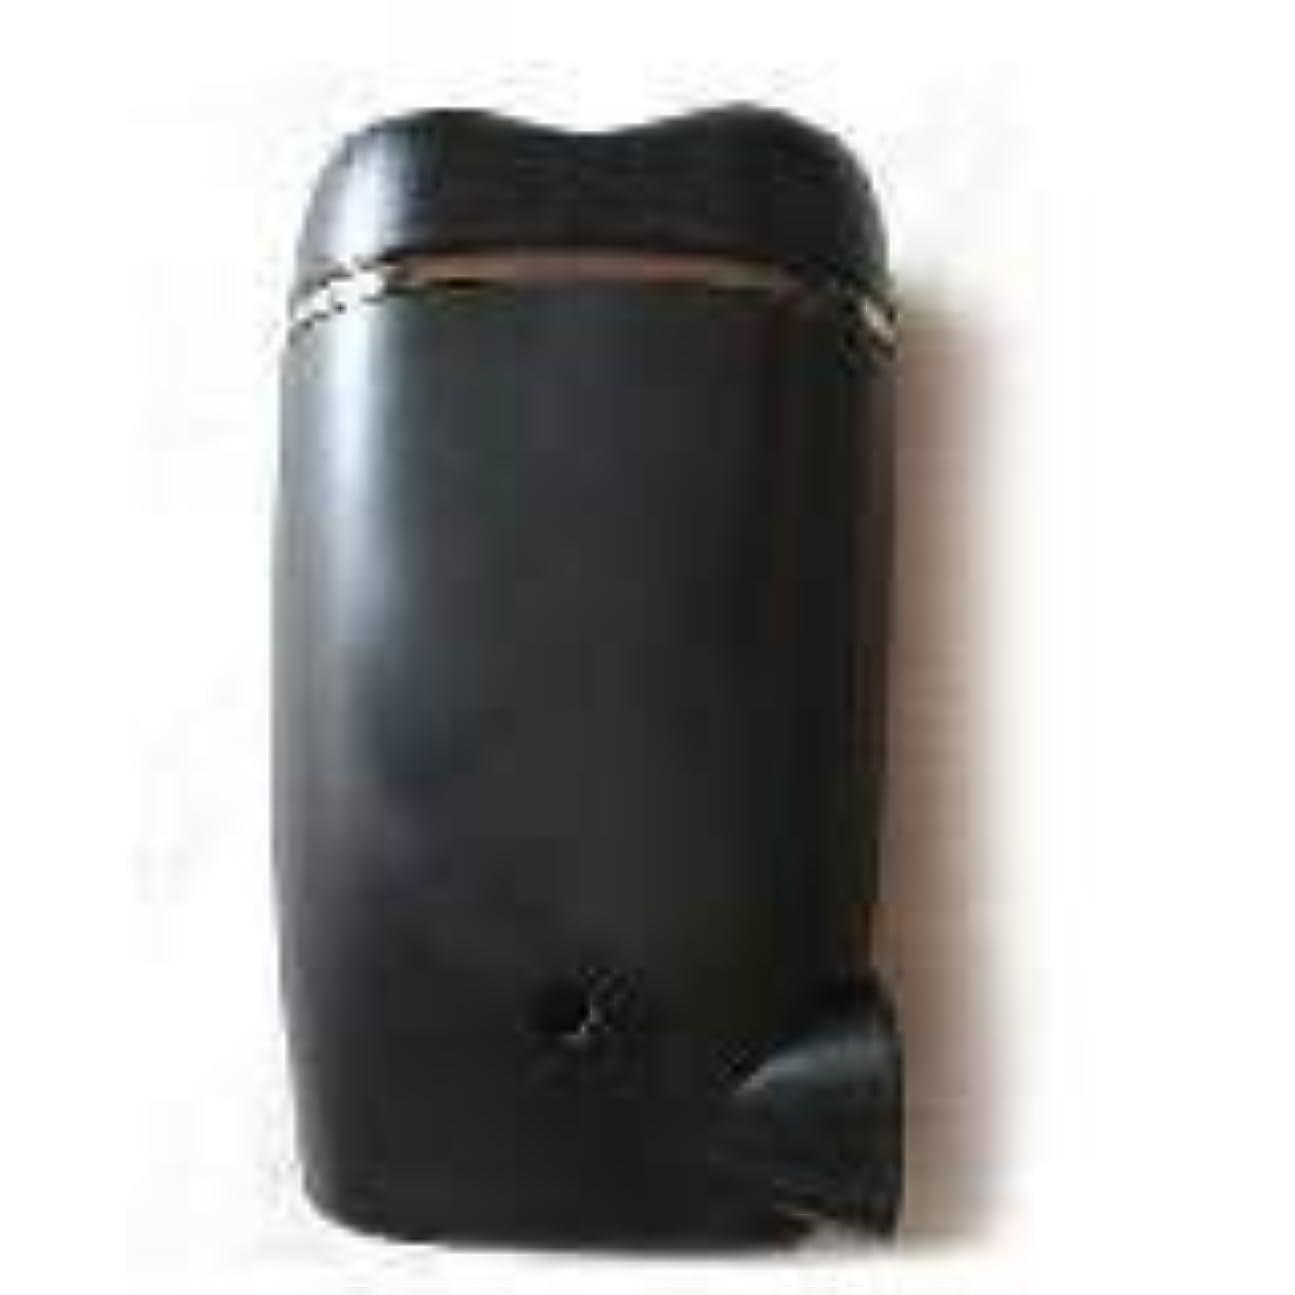 復活法令不完全なGUANG-HOME 電気かみそりの人は電気ステンレス鋼/回転かみそりの回転ヘッドステンレス鋼に直面します